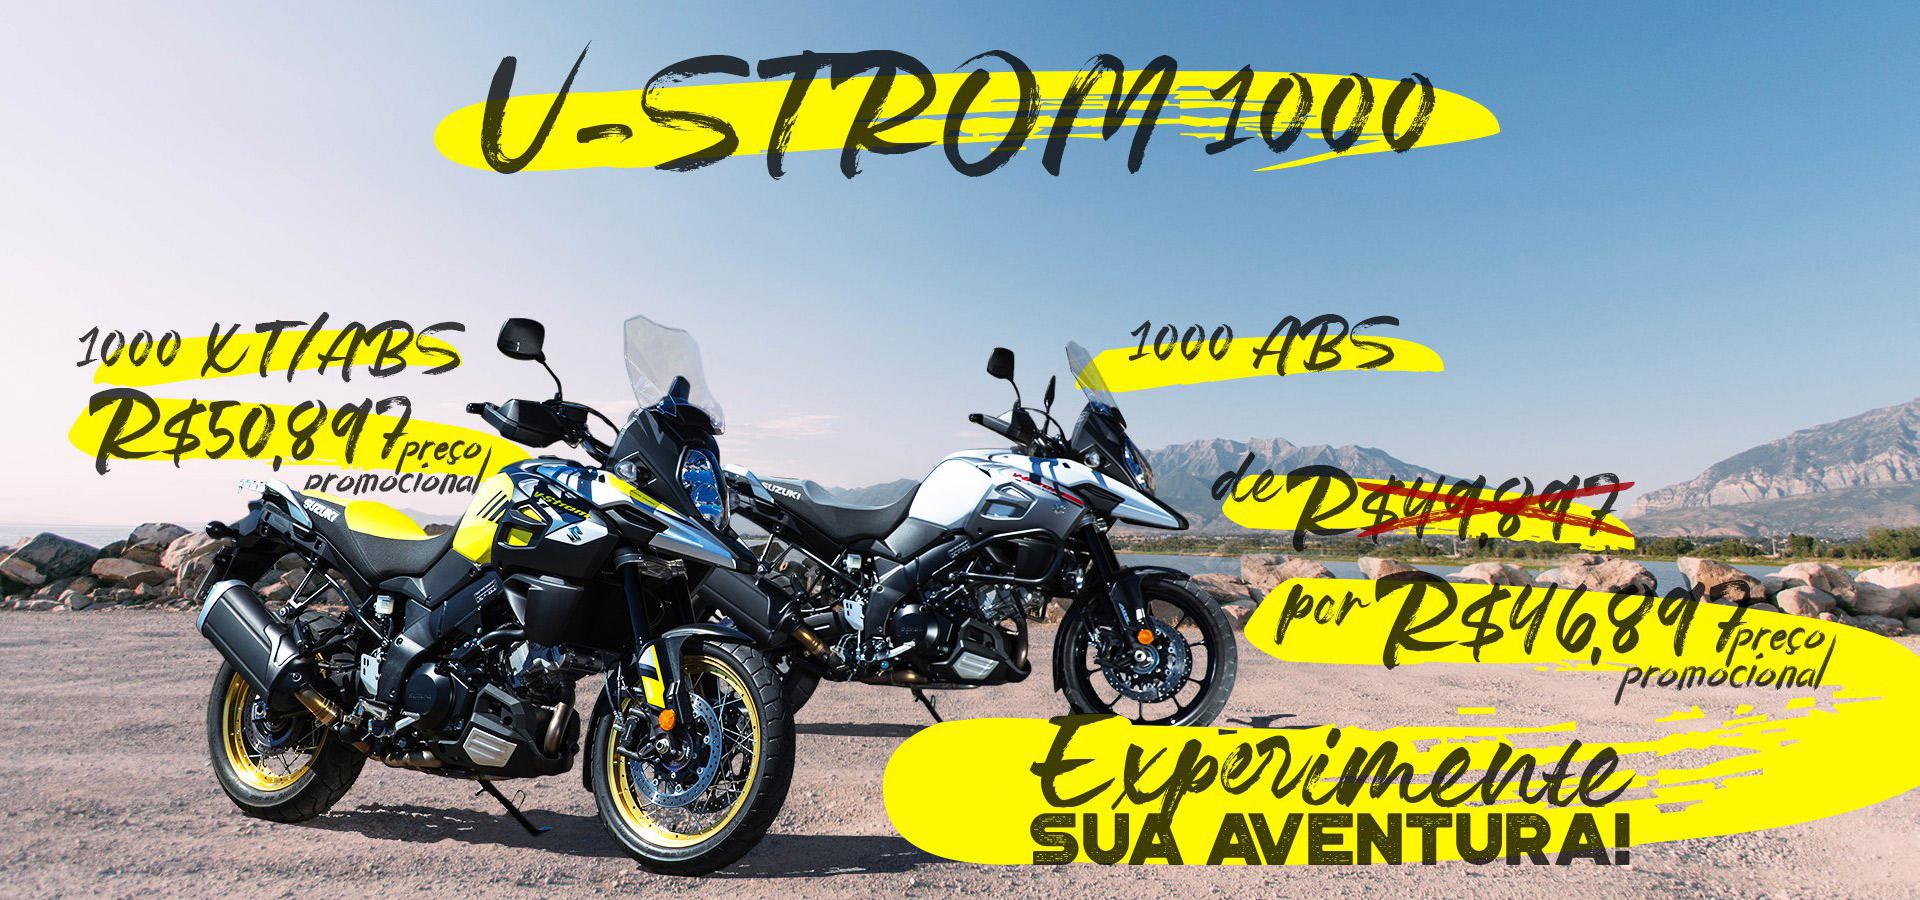 banner v-storm 1000